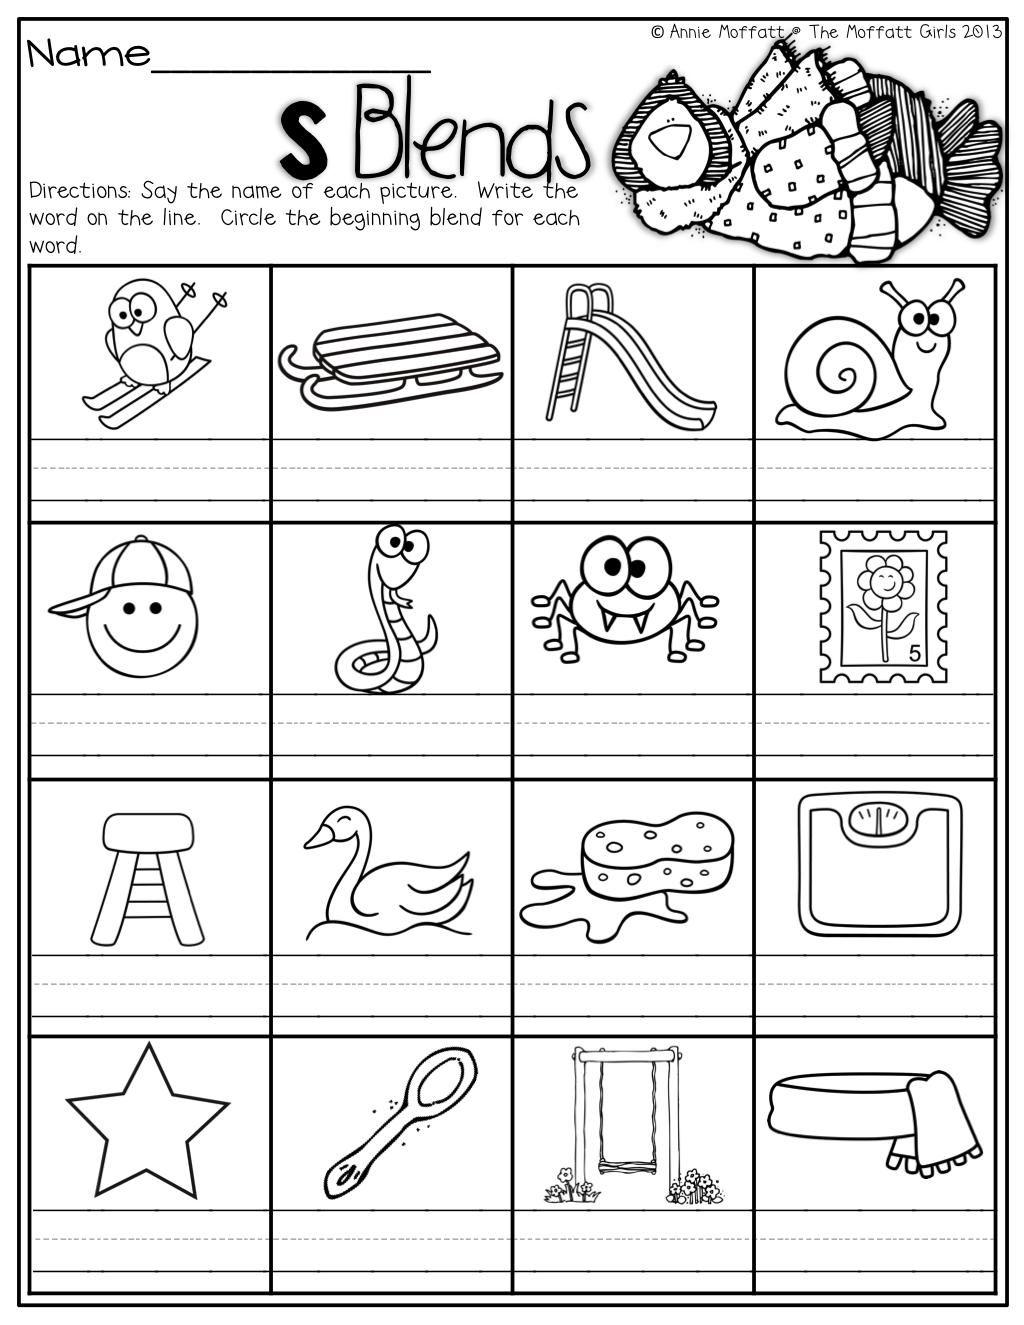 16 Printable Worksheets Blending Sounds   Blends worksheets [ 1325 x 1024 Pixel ]